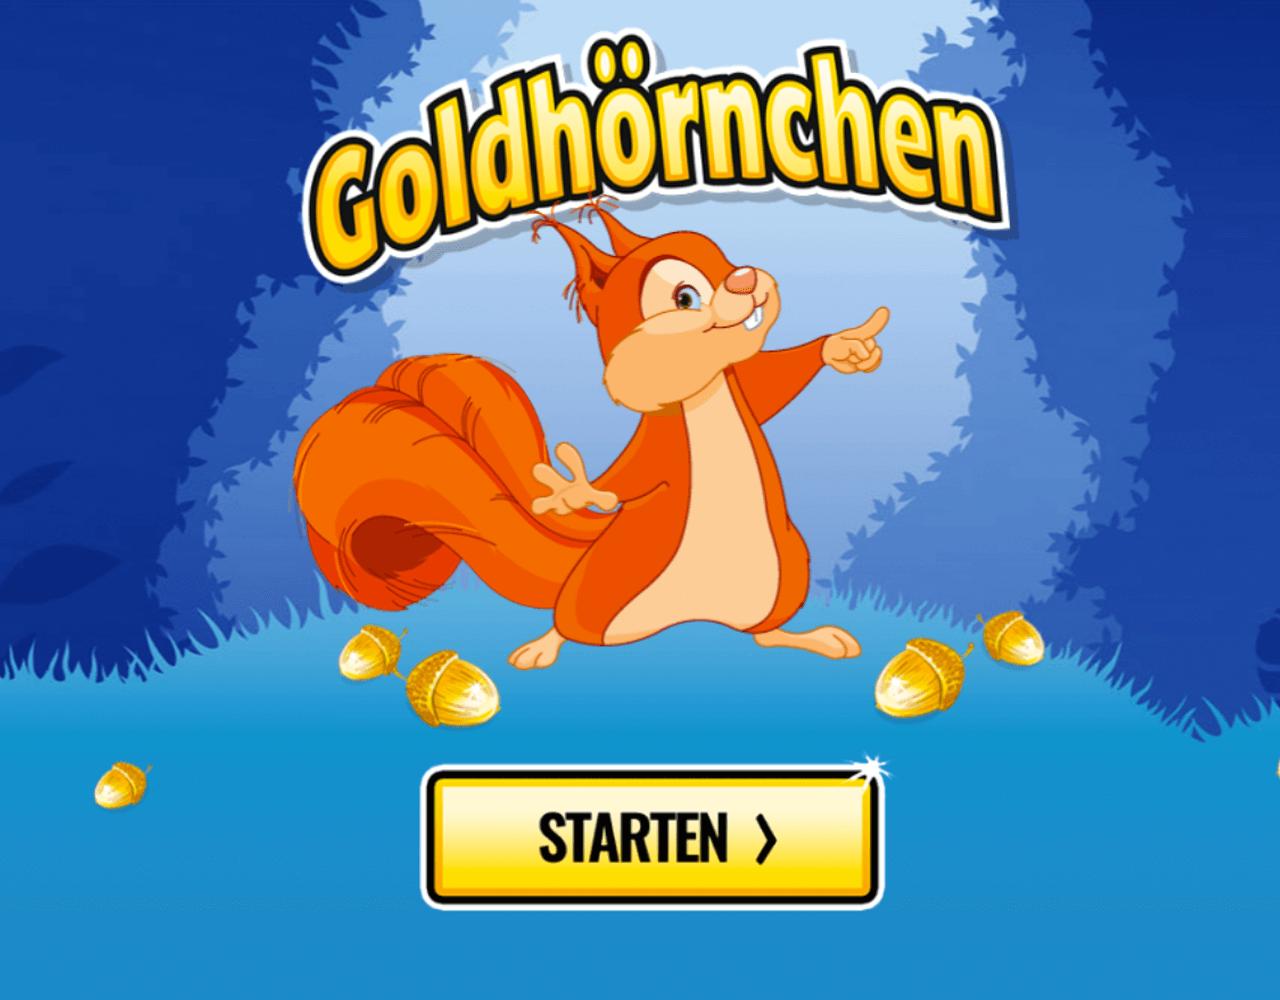 Saechsische Lotto Gmbh Online Rubbellos Goldhoernchen